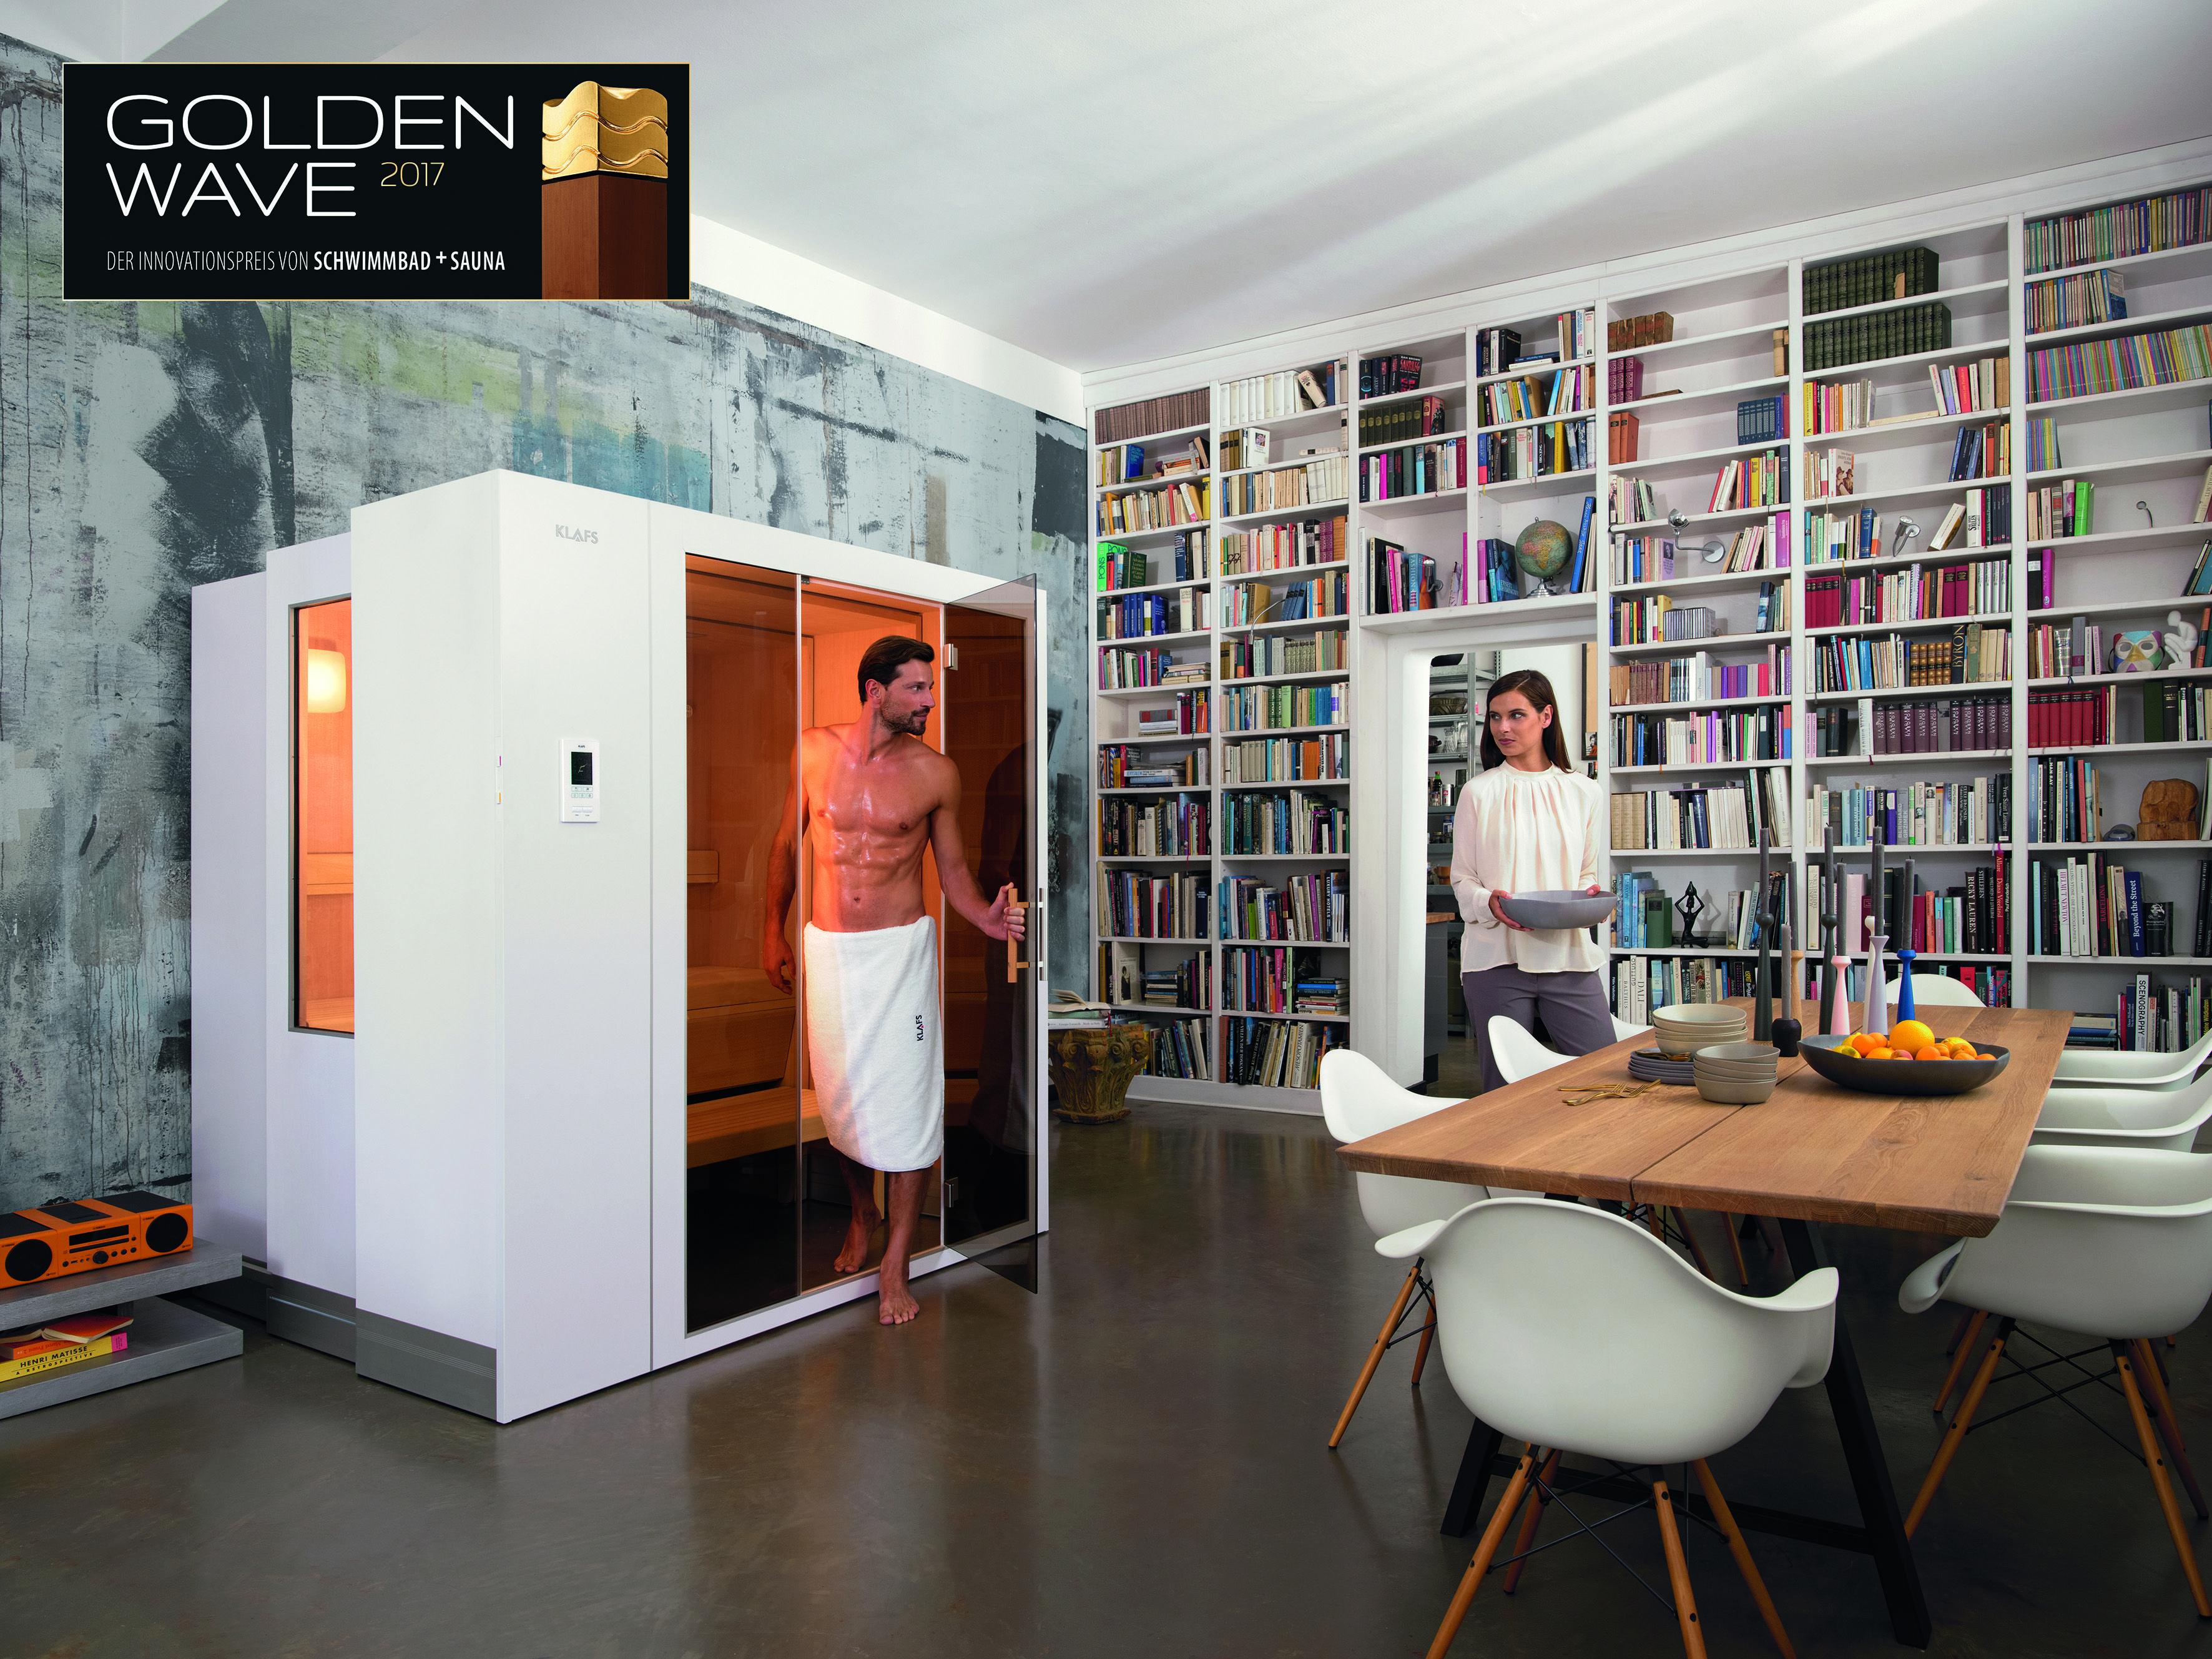 """Die #SaunaS1 ist und bleibt die herausragende #Sauna-#Innovation unserer Tage: Die #Pool- und #Wellness-Experten in der Jury des Innovationspreises """"Golden Wave"""" wählten sie auf den 1. Platz in der Kategorie """"#Sauna/#Dampfbad/#Infrarot"""". Damit hat die revolutionäre, raumsparende #SaunaS1 bereits 8 wichtige Auszeichnungen errungen. Mit dem """"Golden Wave"""" zeichnet #SCHWIMMBAD+#SAUNA, Deutschlands führendes #Pool- & #Wellness-Magazin, alle 2 Jahre herausragende Produkte, Techniken und Verfahren…"""